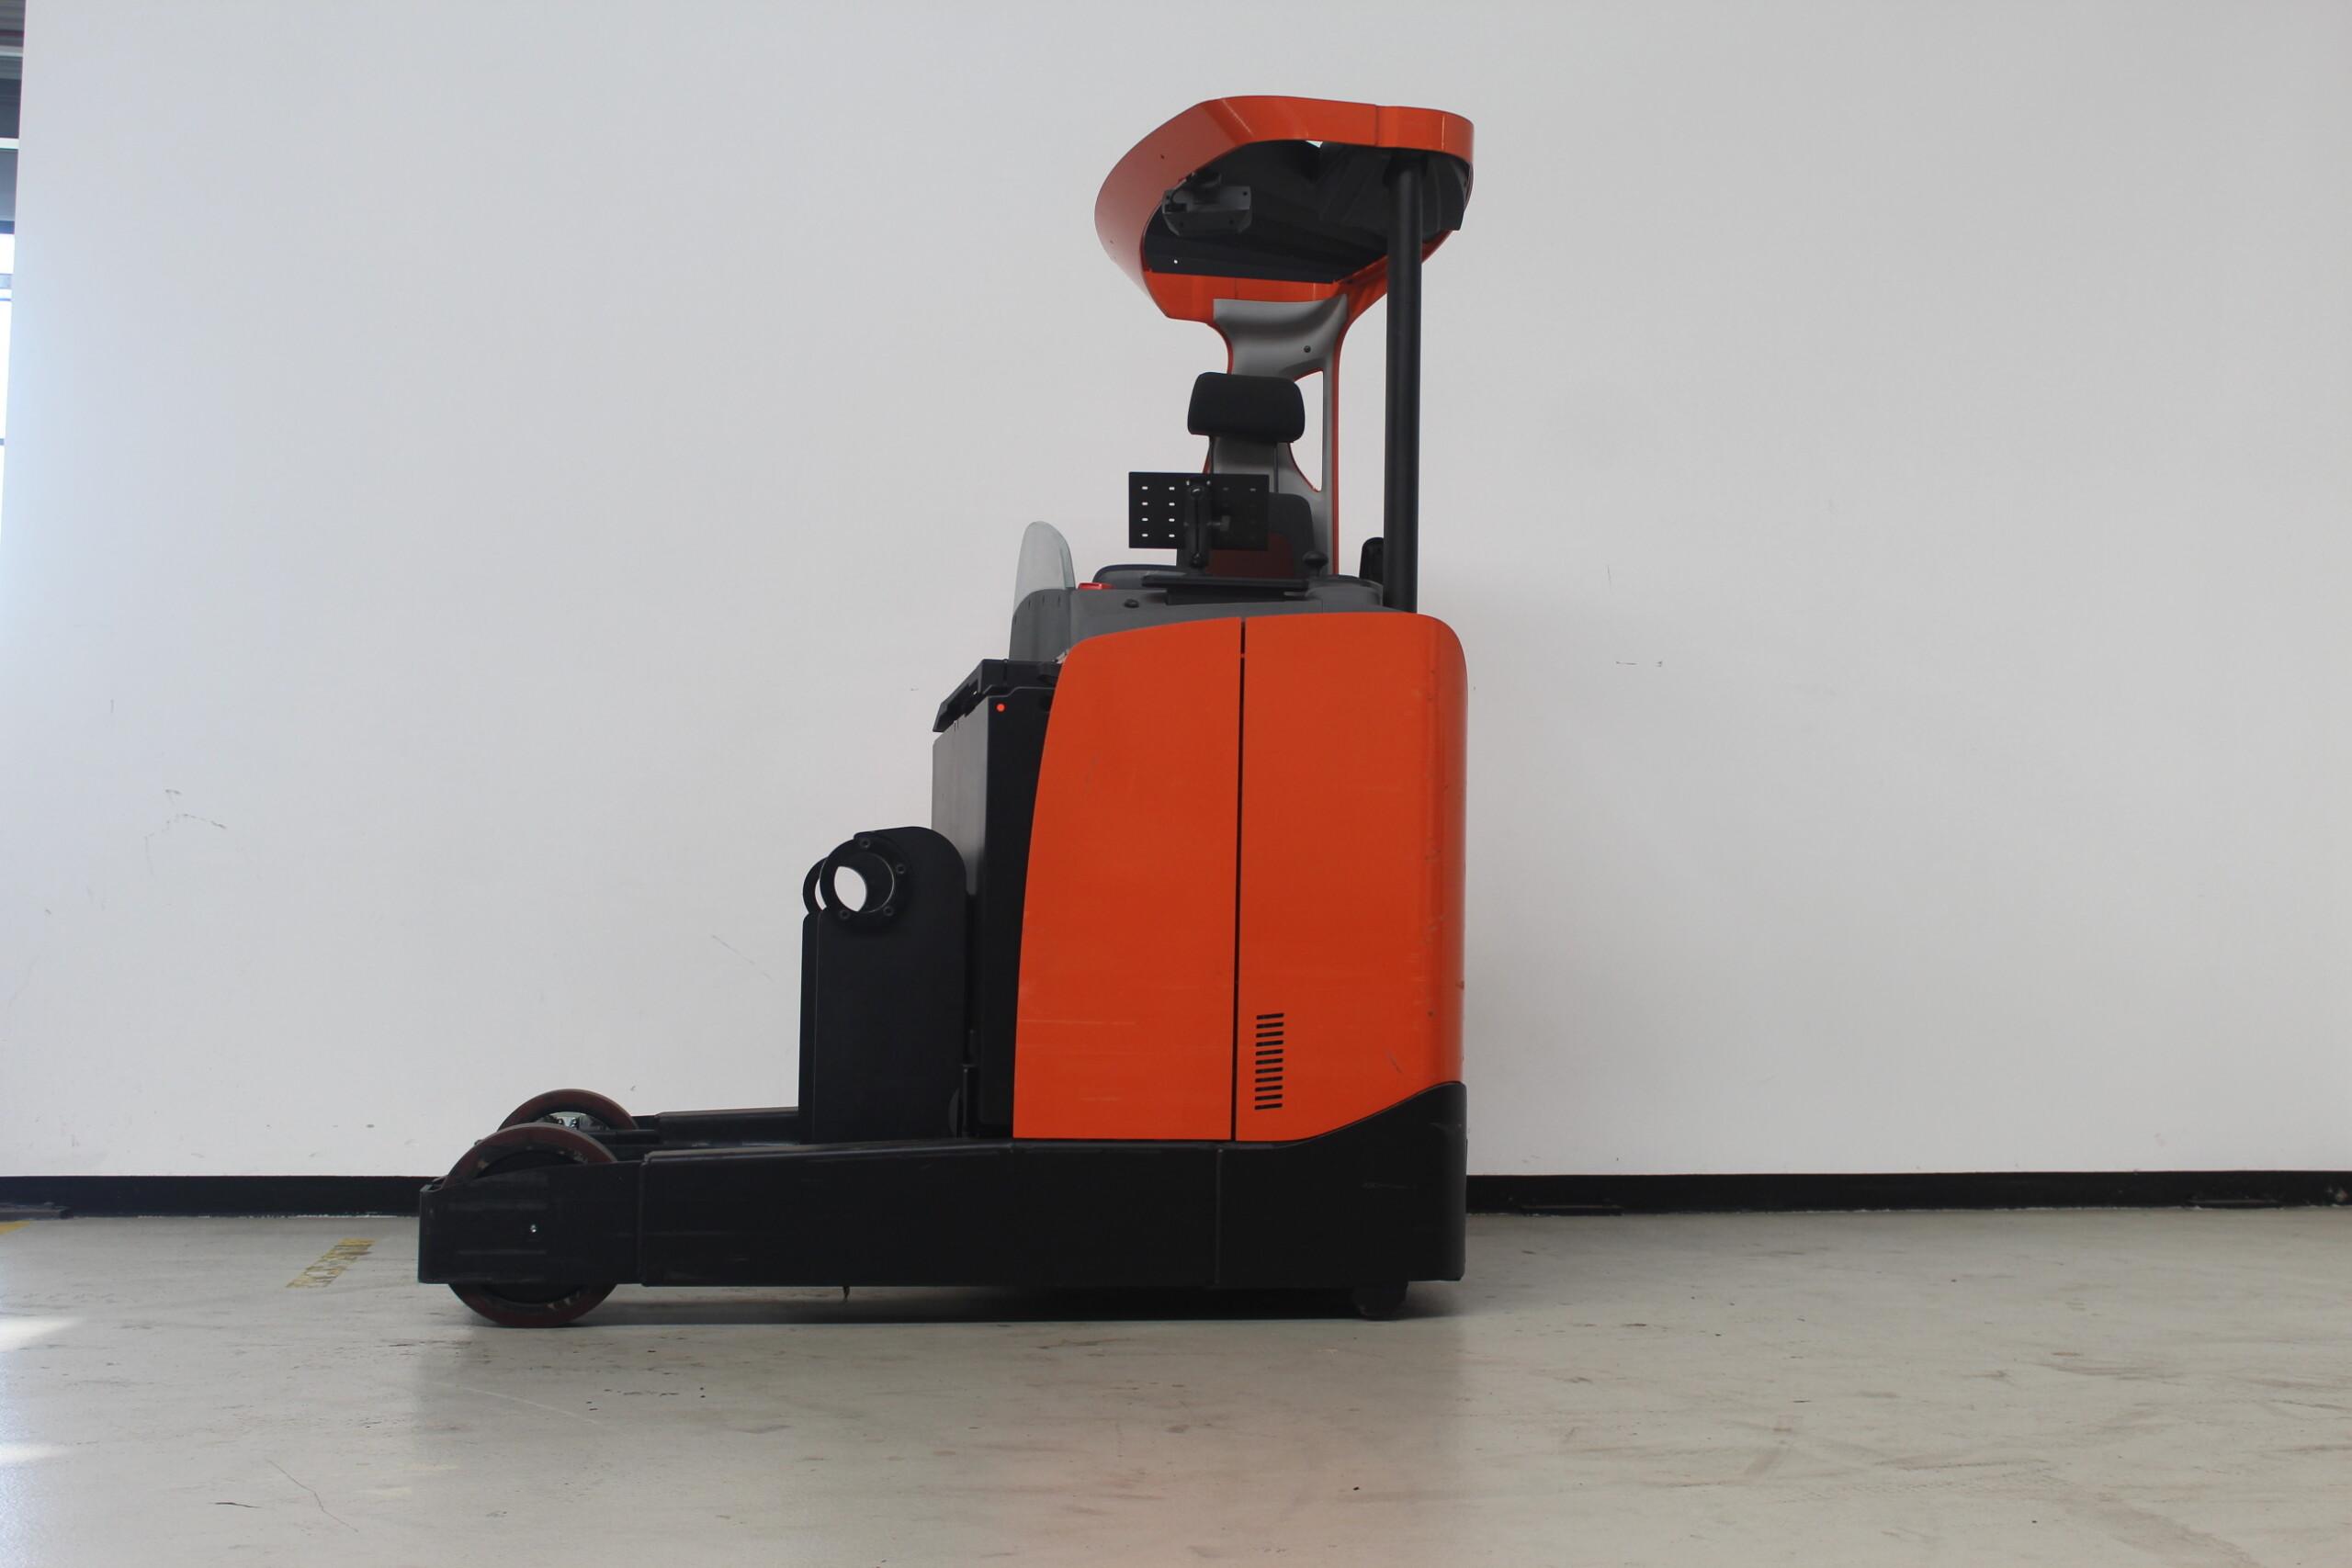 Toyota-Gabelstapler-59840 1705041009 1 25 scaled